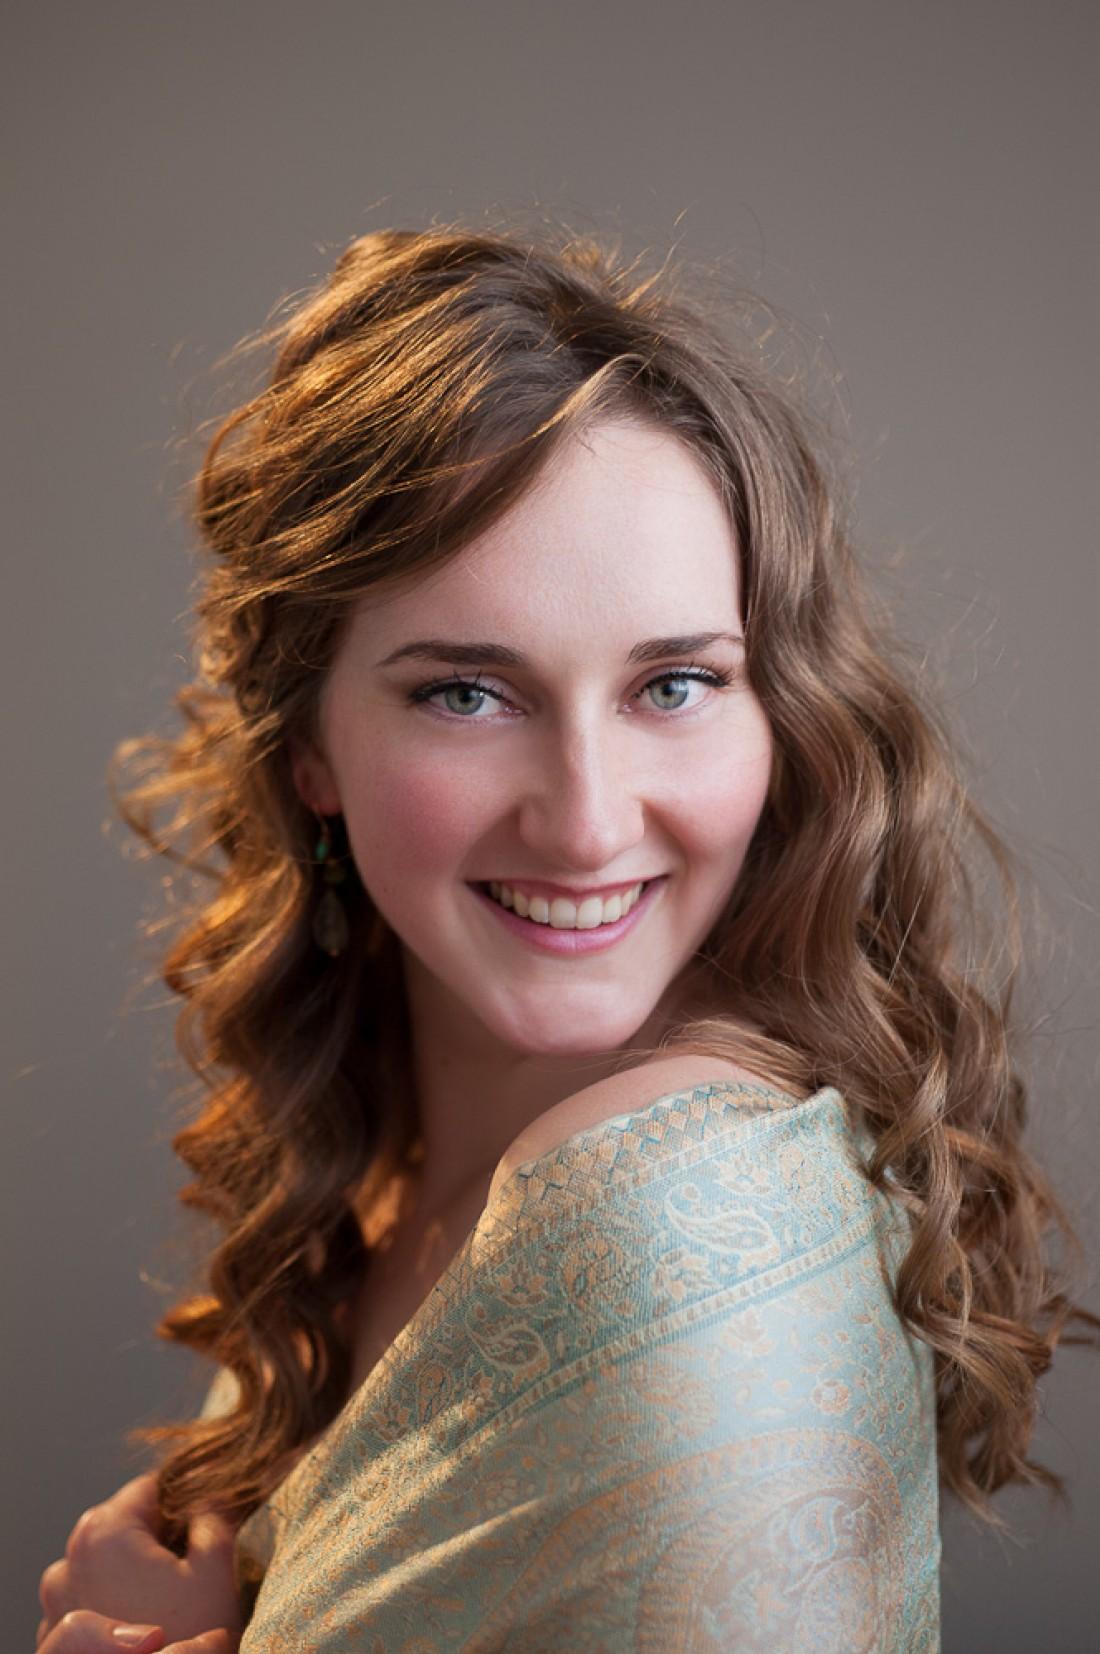 Lizzy Hoyt